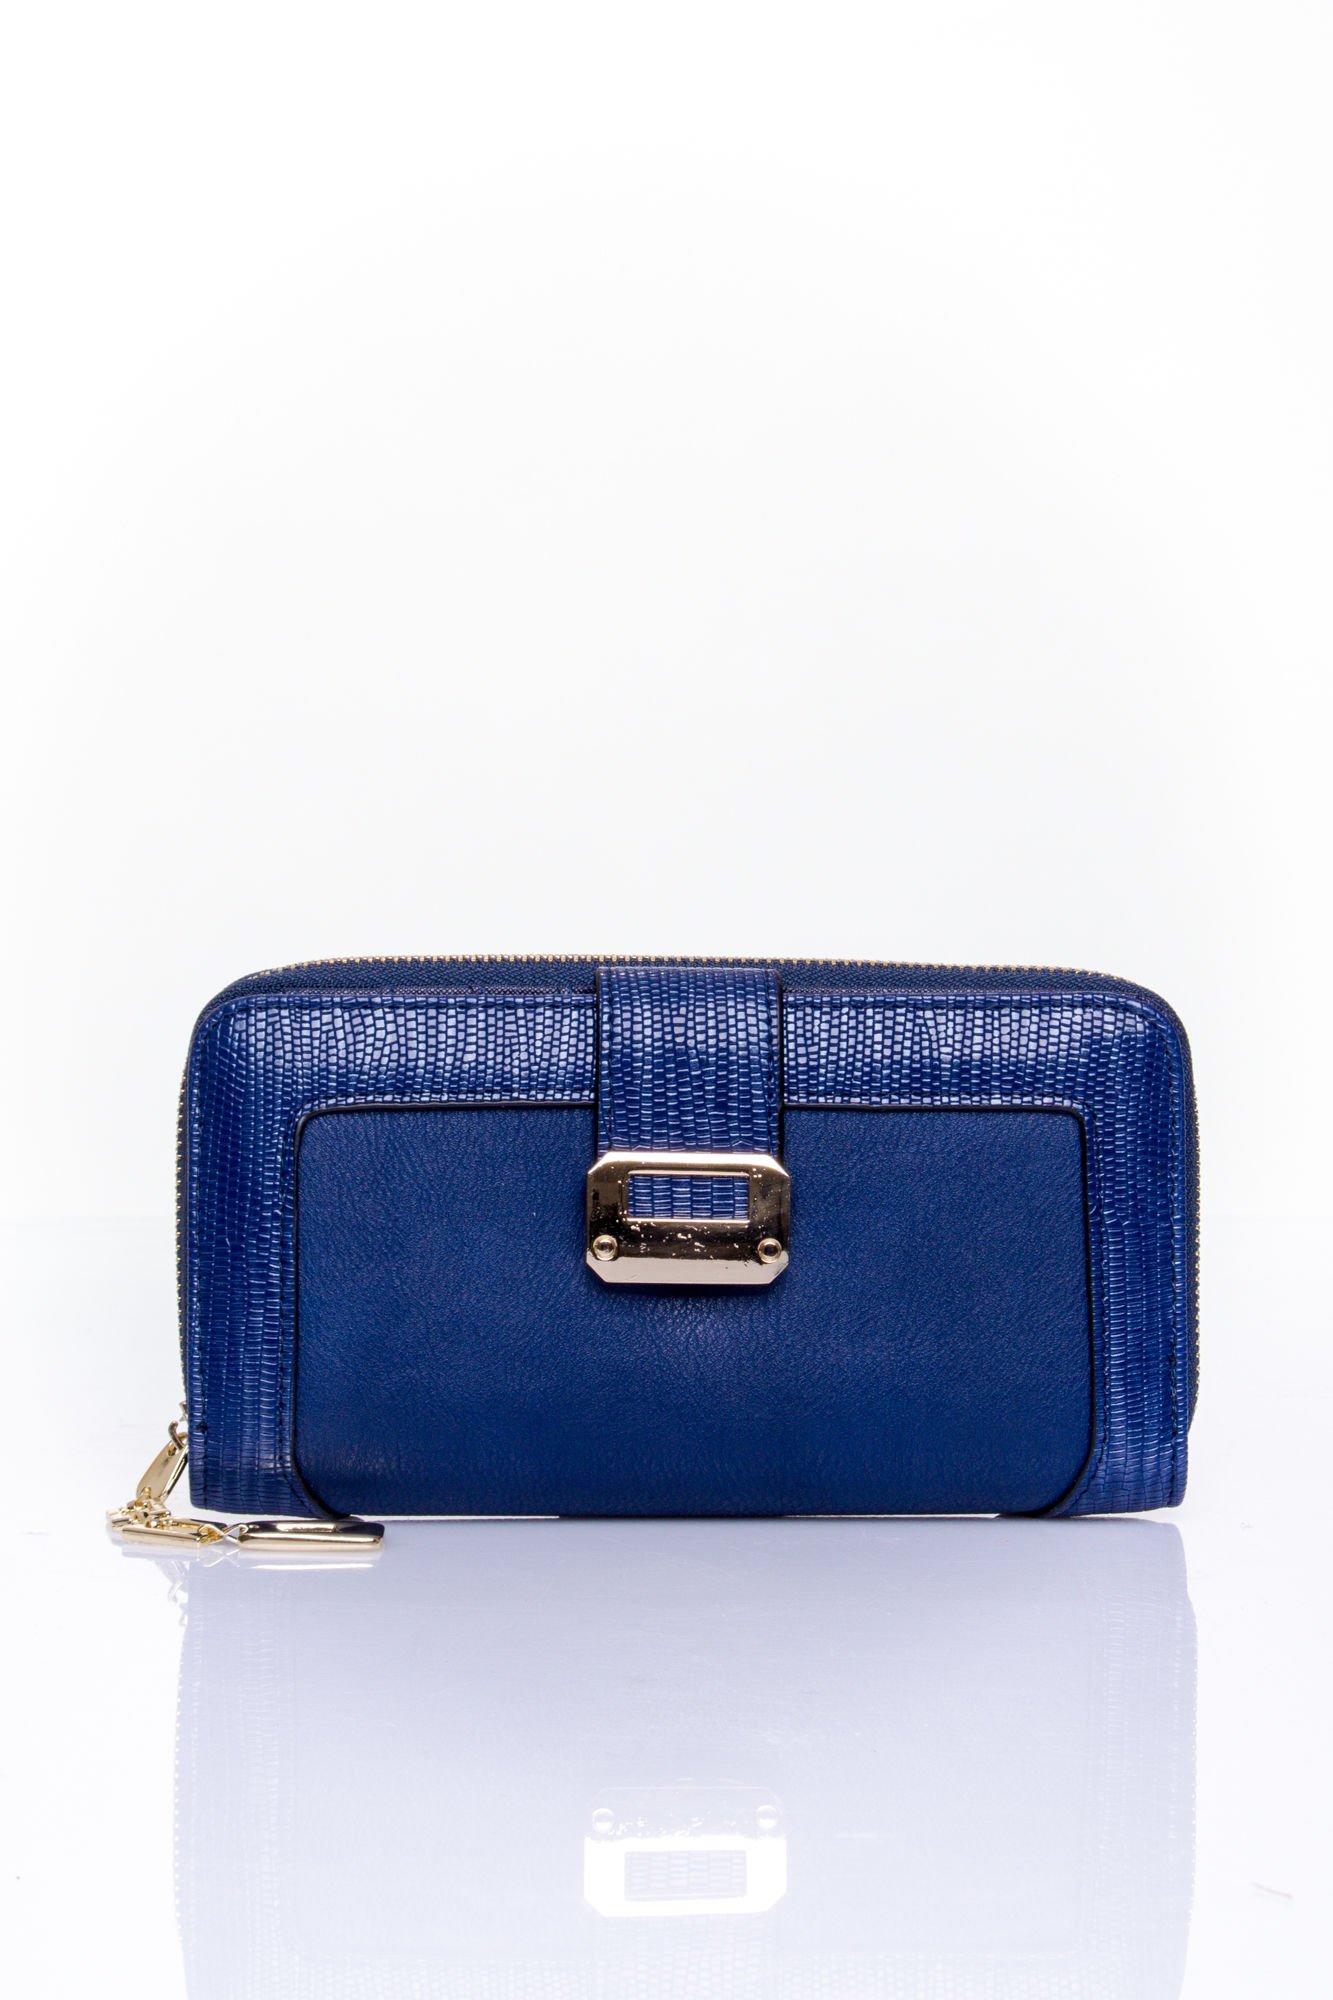 Granatowy portfel ze złotą klamerką                                  zdj.                                  1